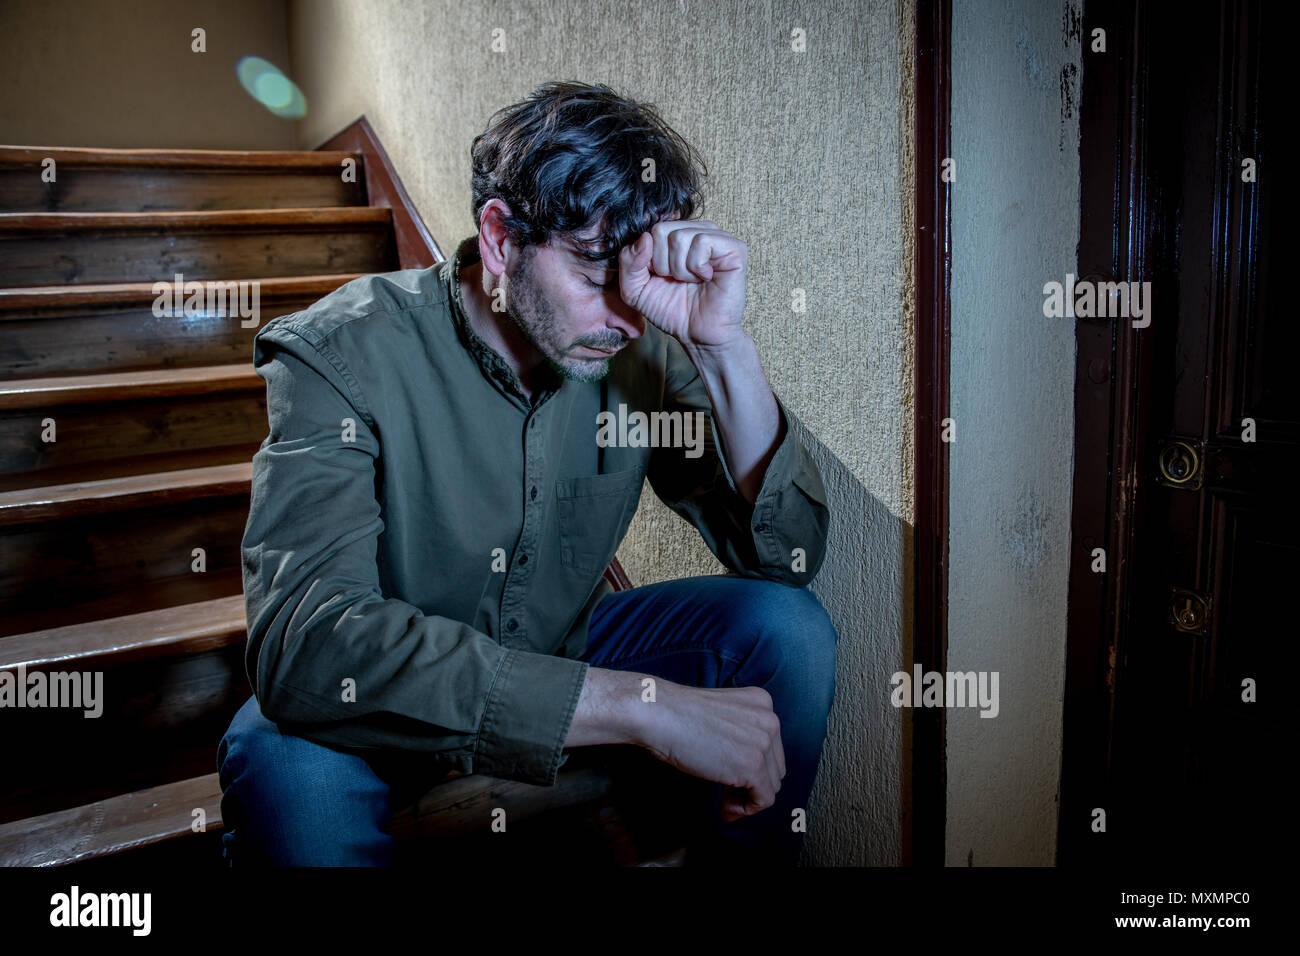 Deprimiert latin Mann Kopf in den Händen in einem Treppenhaus einsam und traurig und gestresst von der Arbeit und dem Leben in einer psychischen Gesundheit Konzept Stockbild